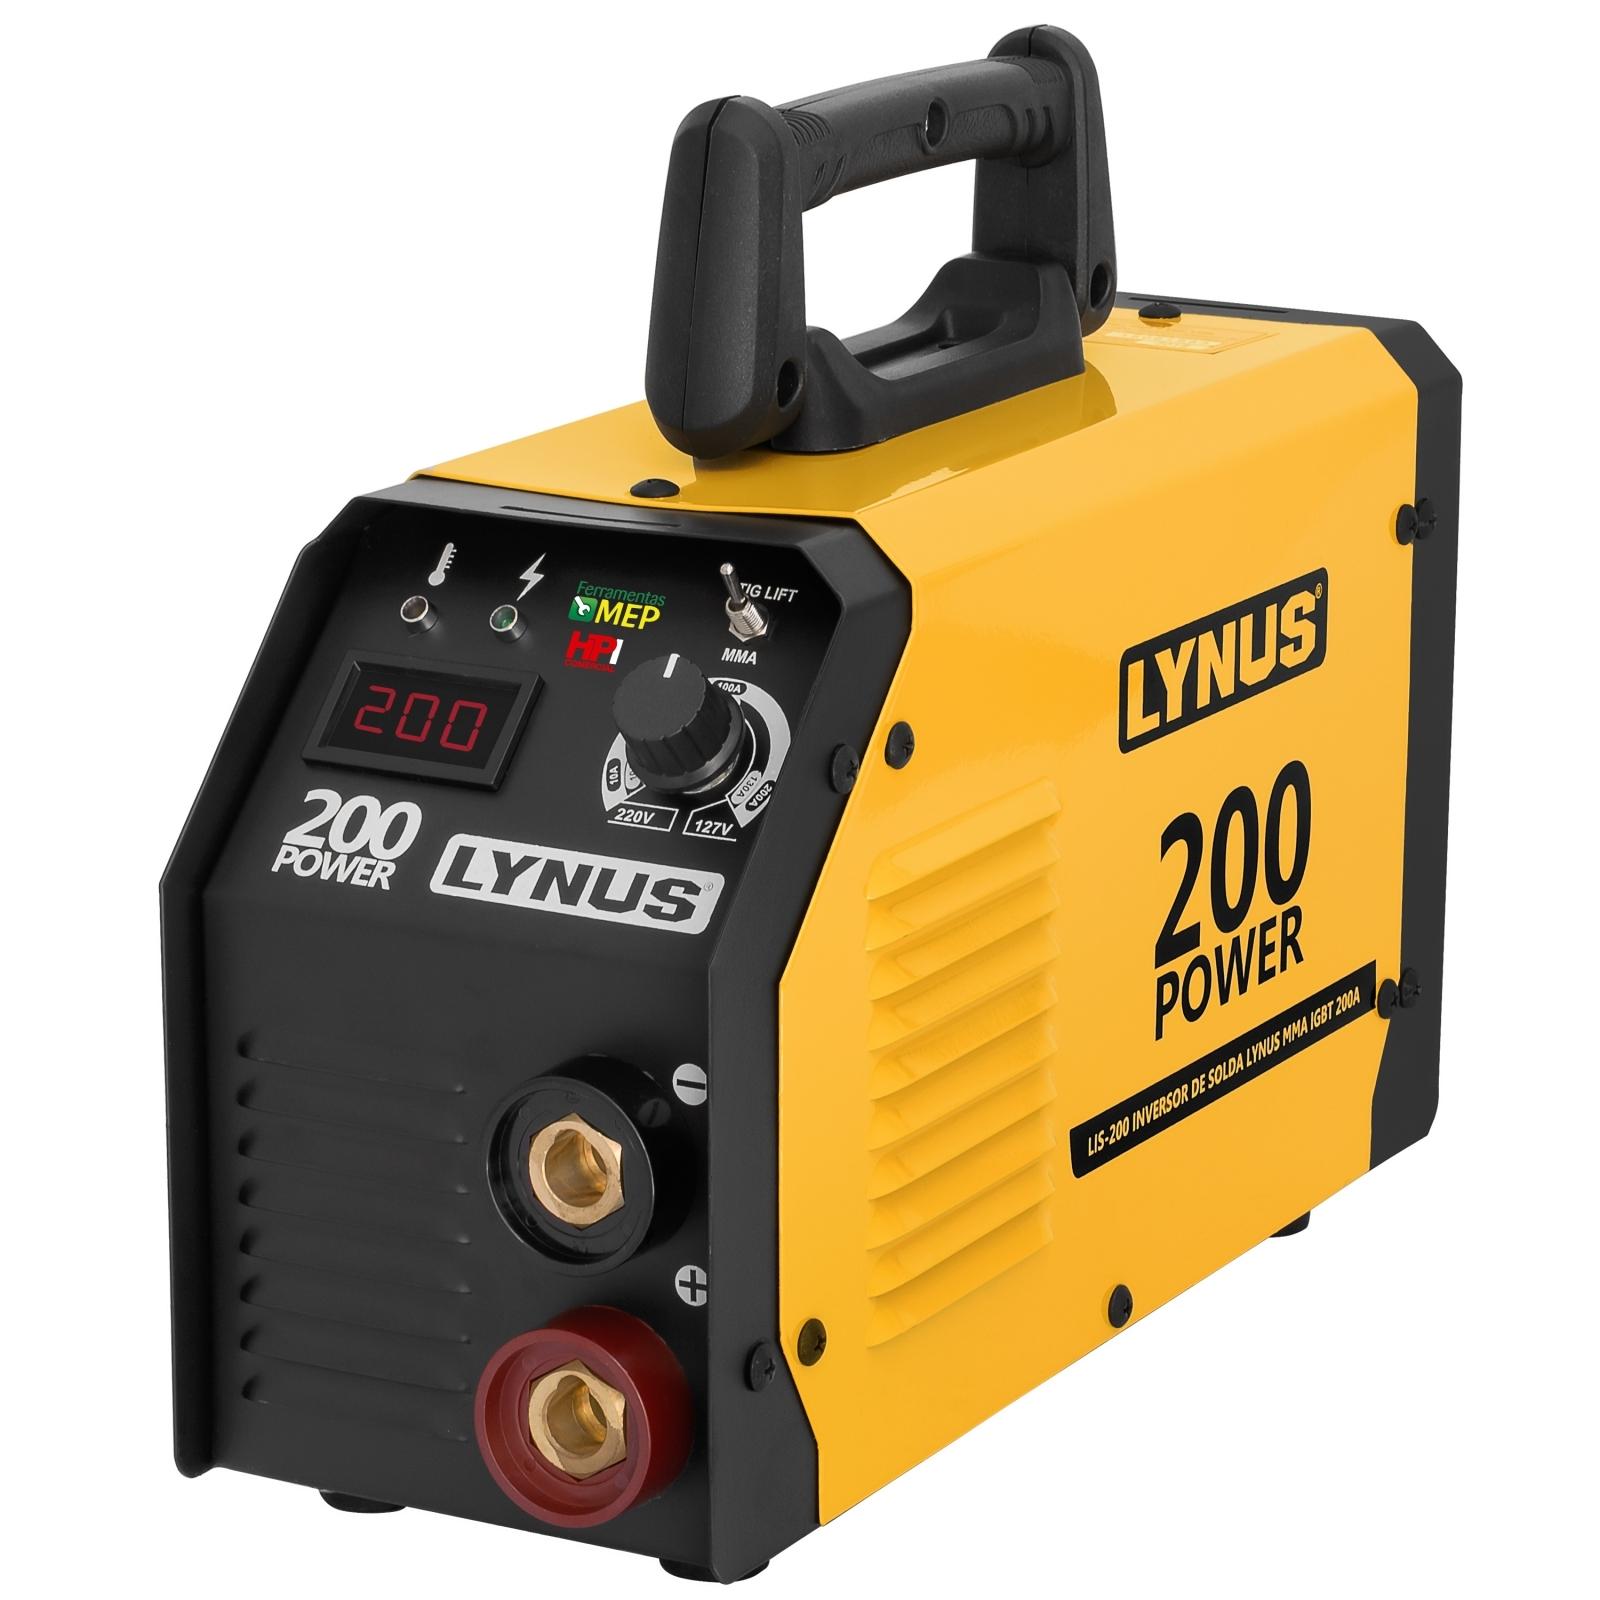 Maquina De Solda Inversora Lynus 200amp Bivolt Lis-200 L20 - Ferramentas MEP